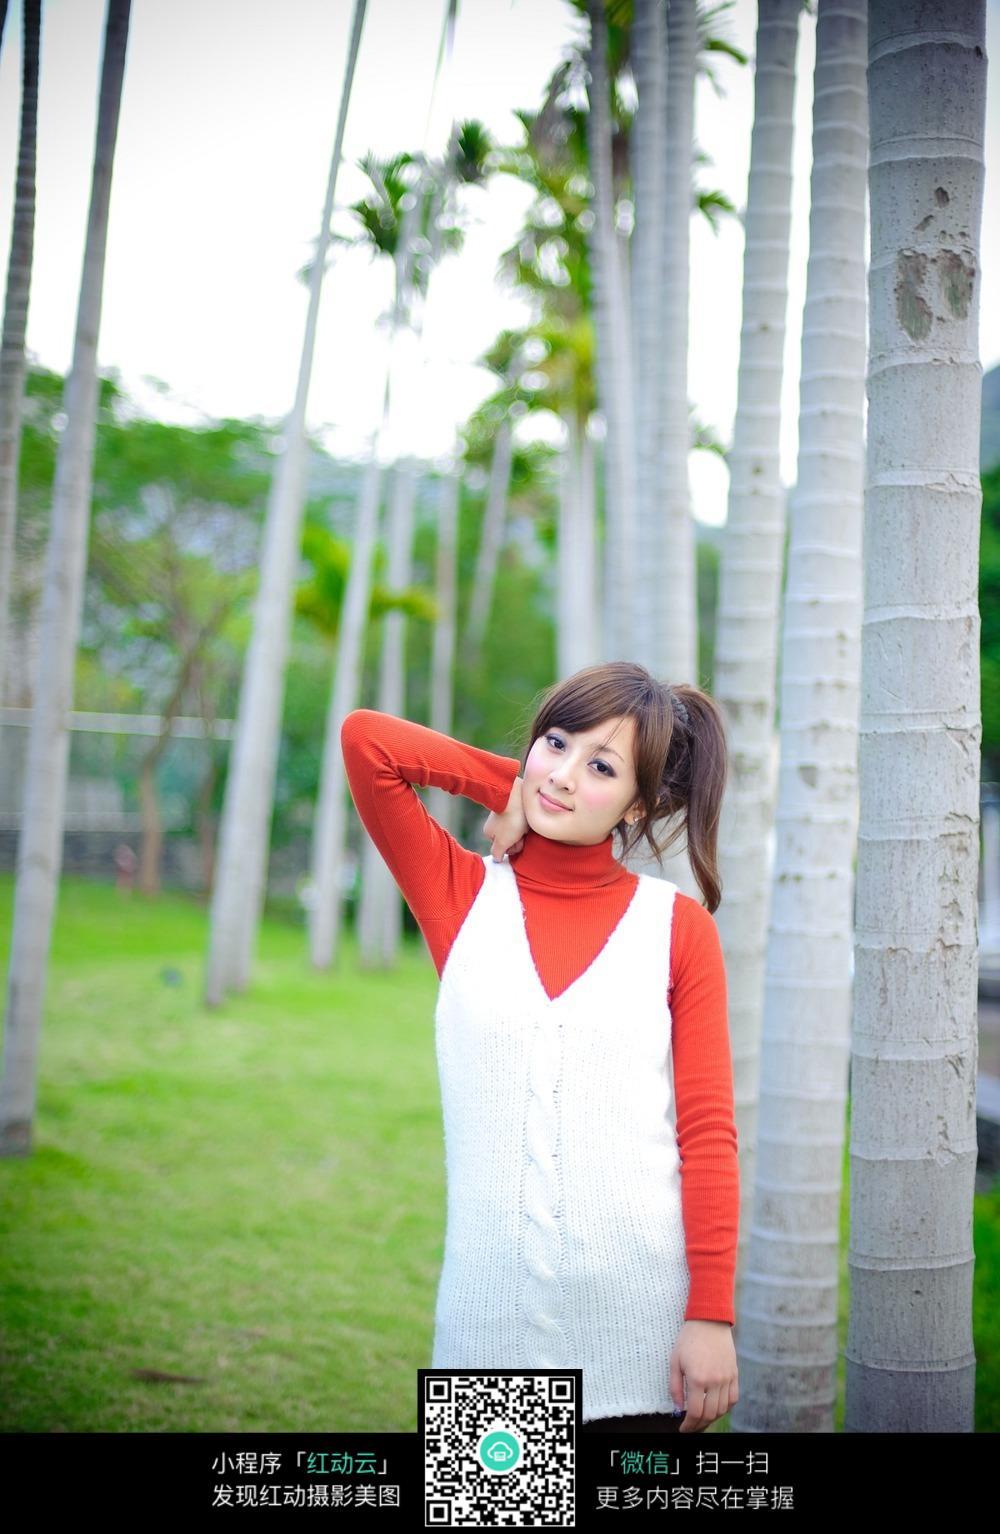 高树三姐妹mp3下载_站在高树旁的甜美少女图片免费下载_红动网